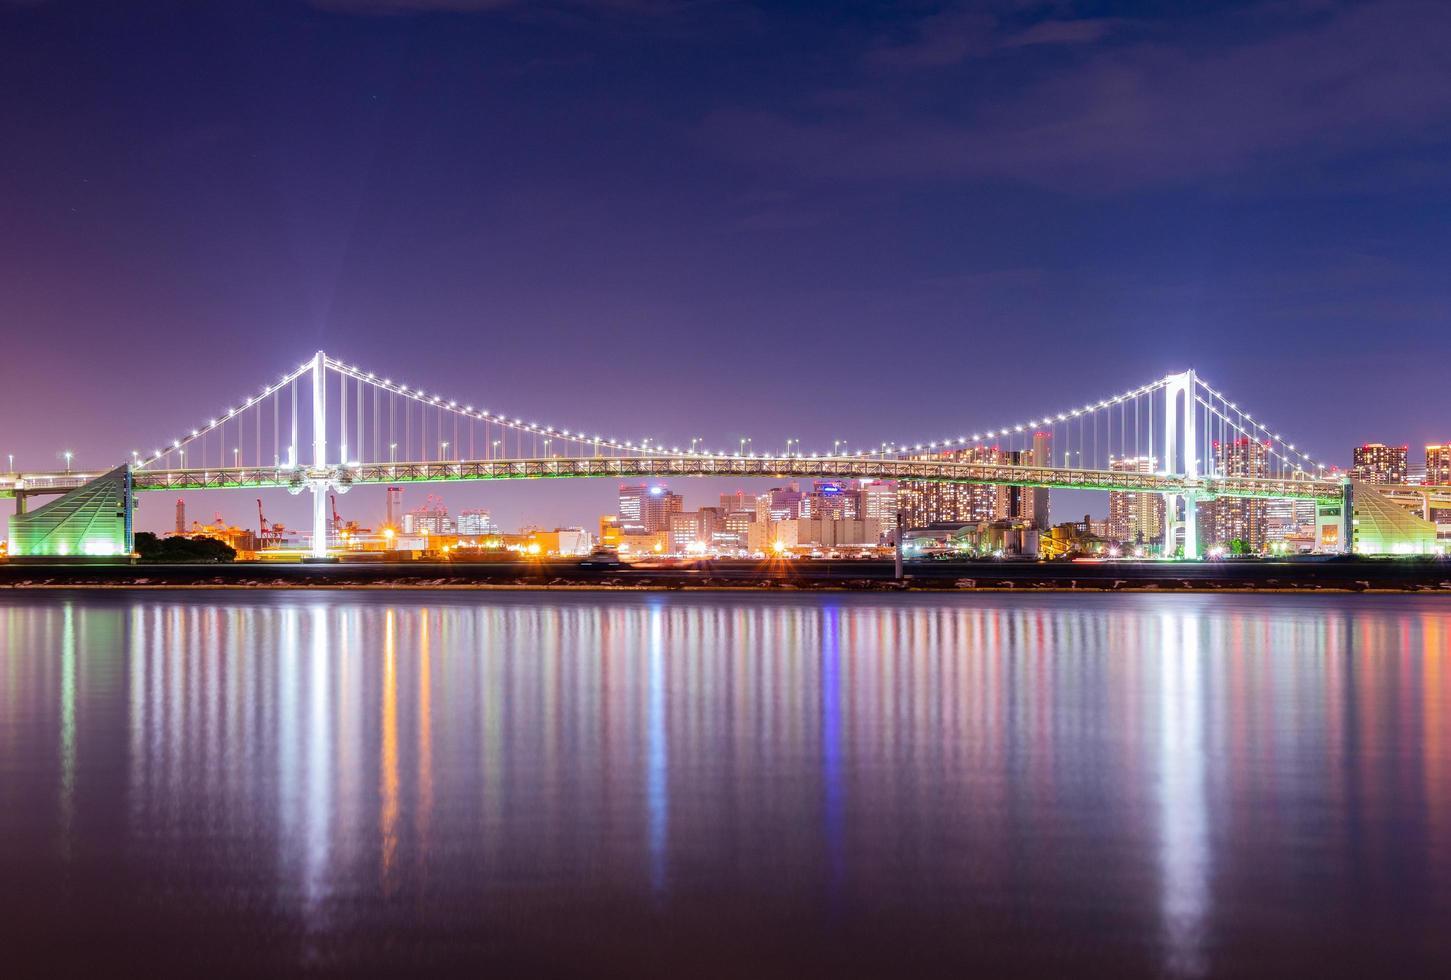 puente arcoiris en tokio, japón foto